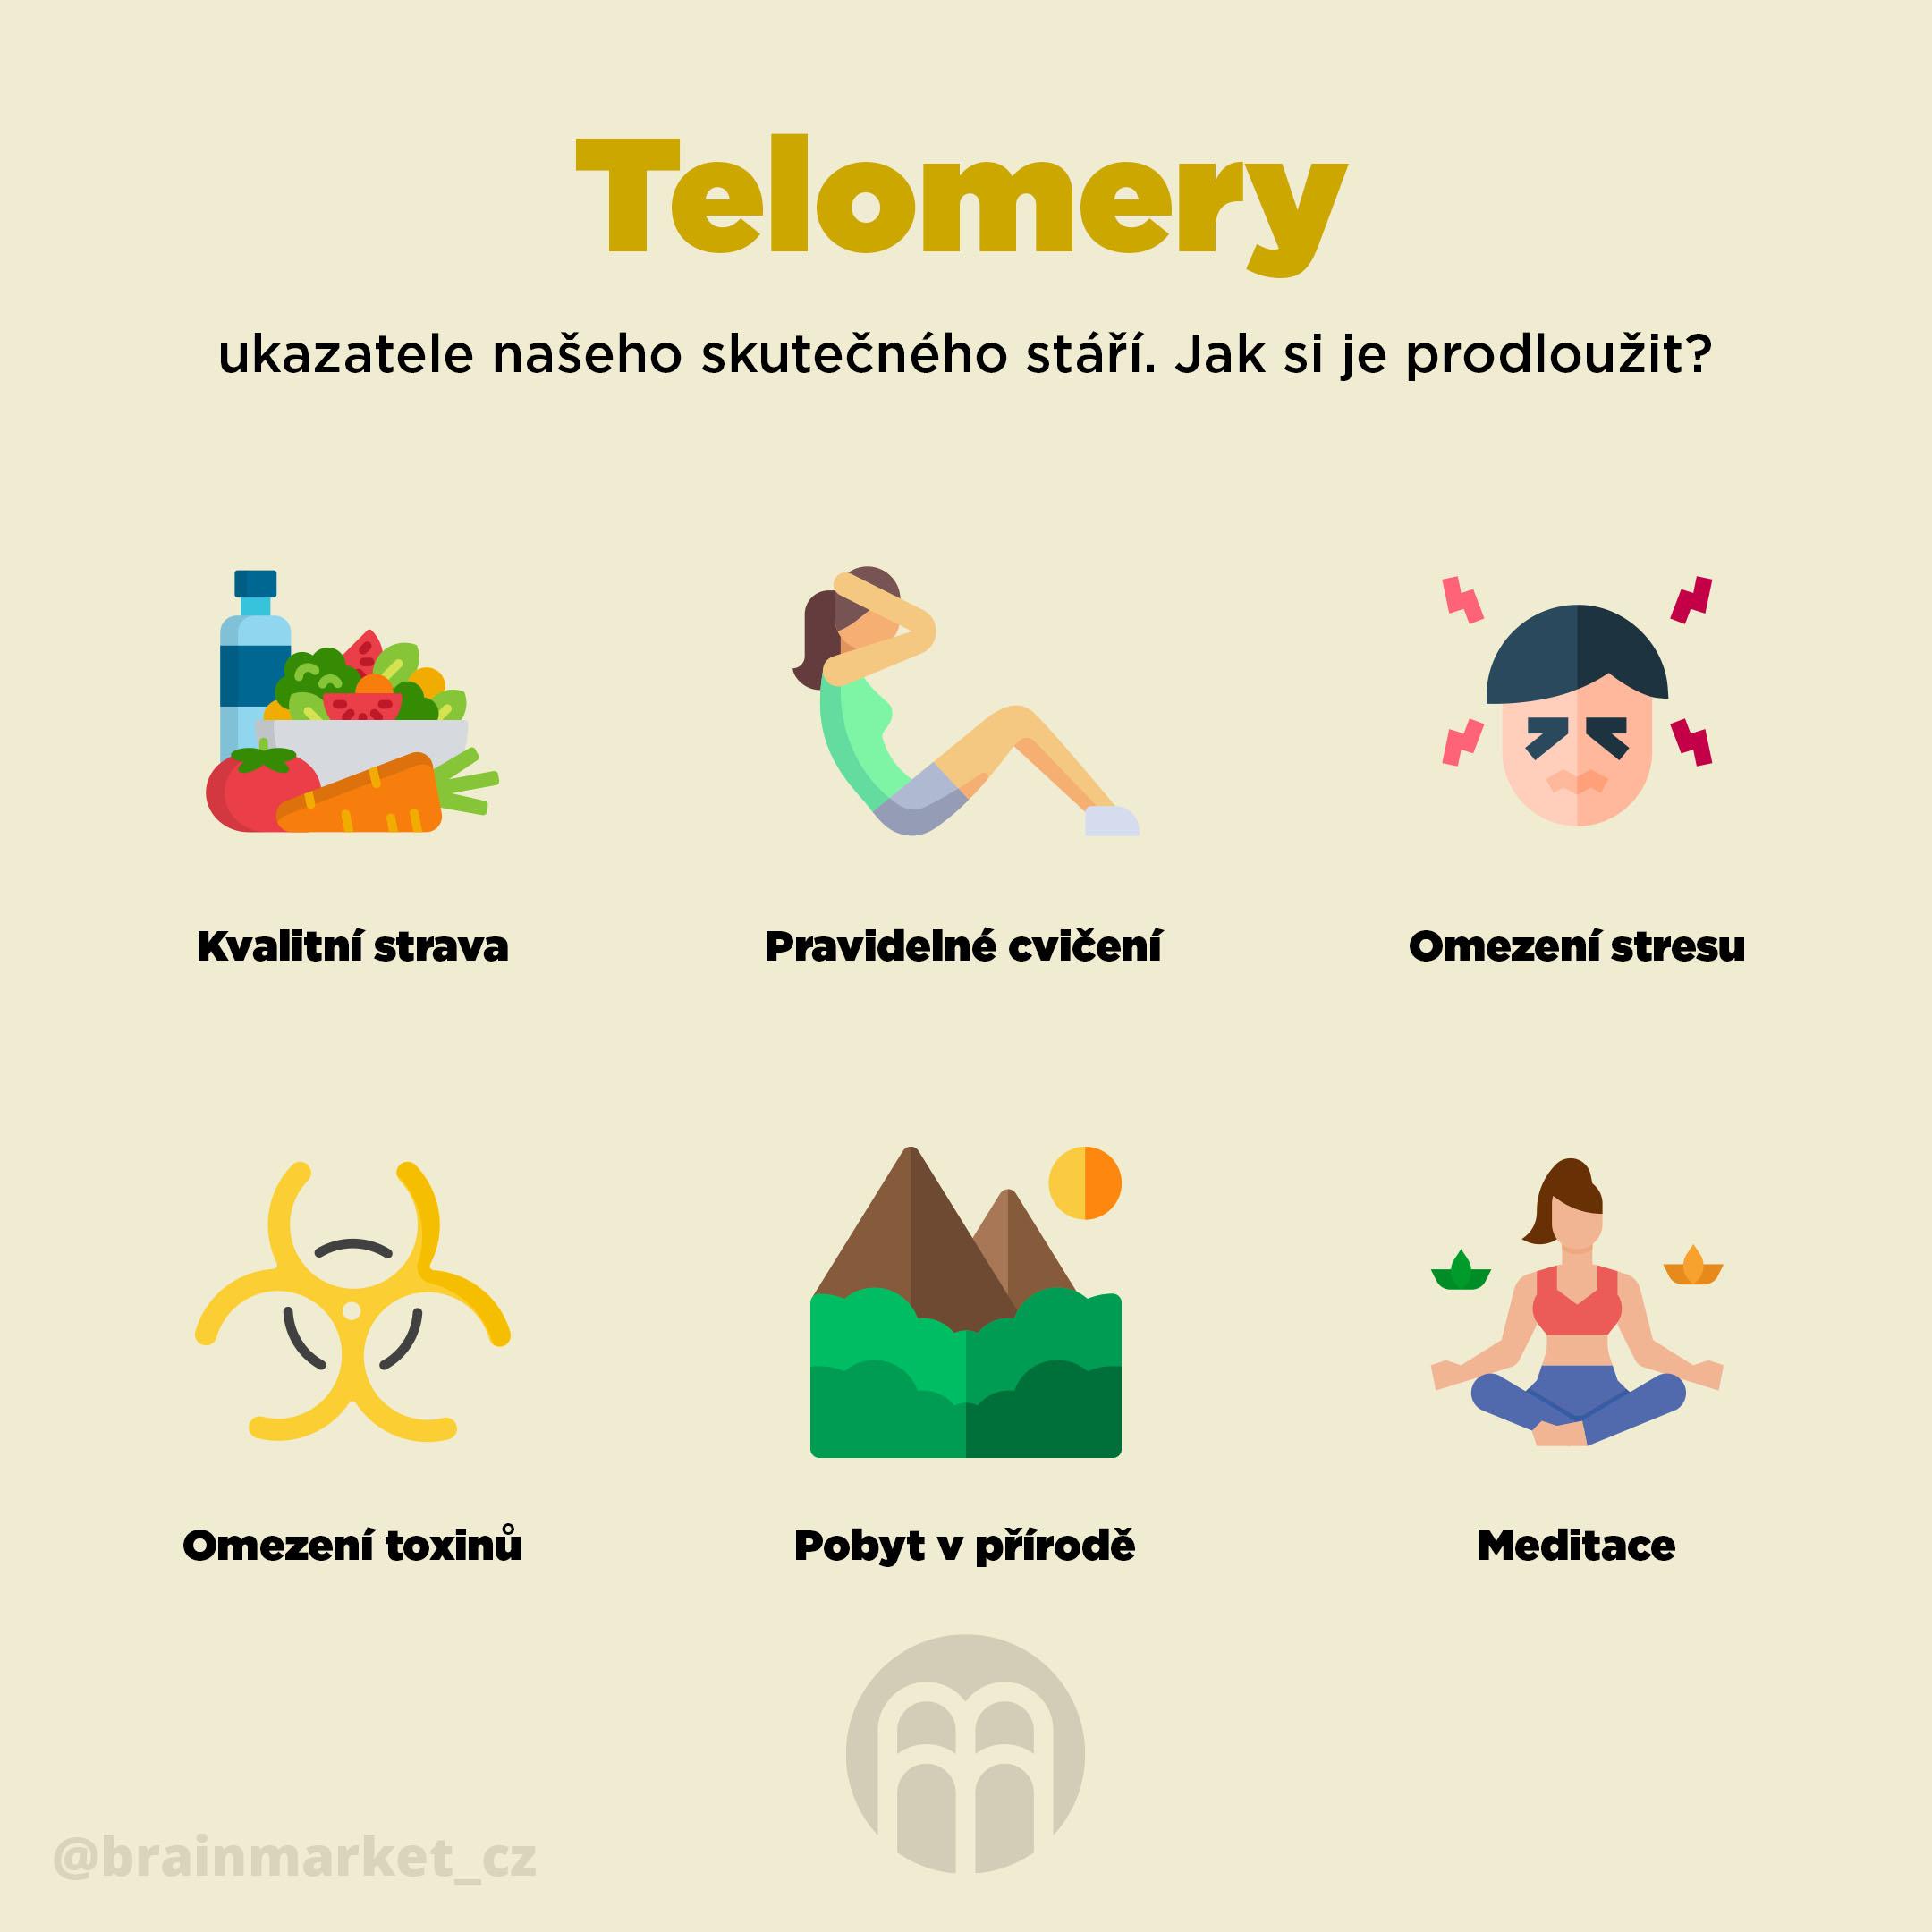 telomery_infografika_brainmarket_CZ